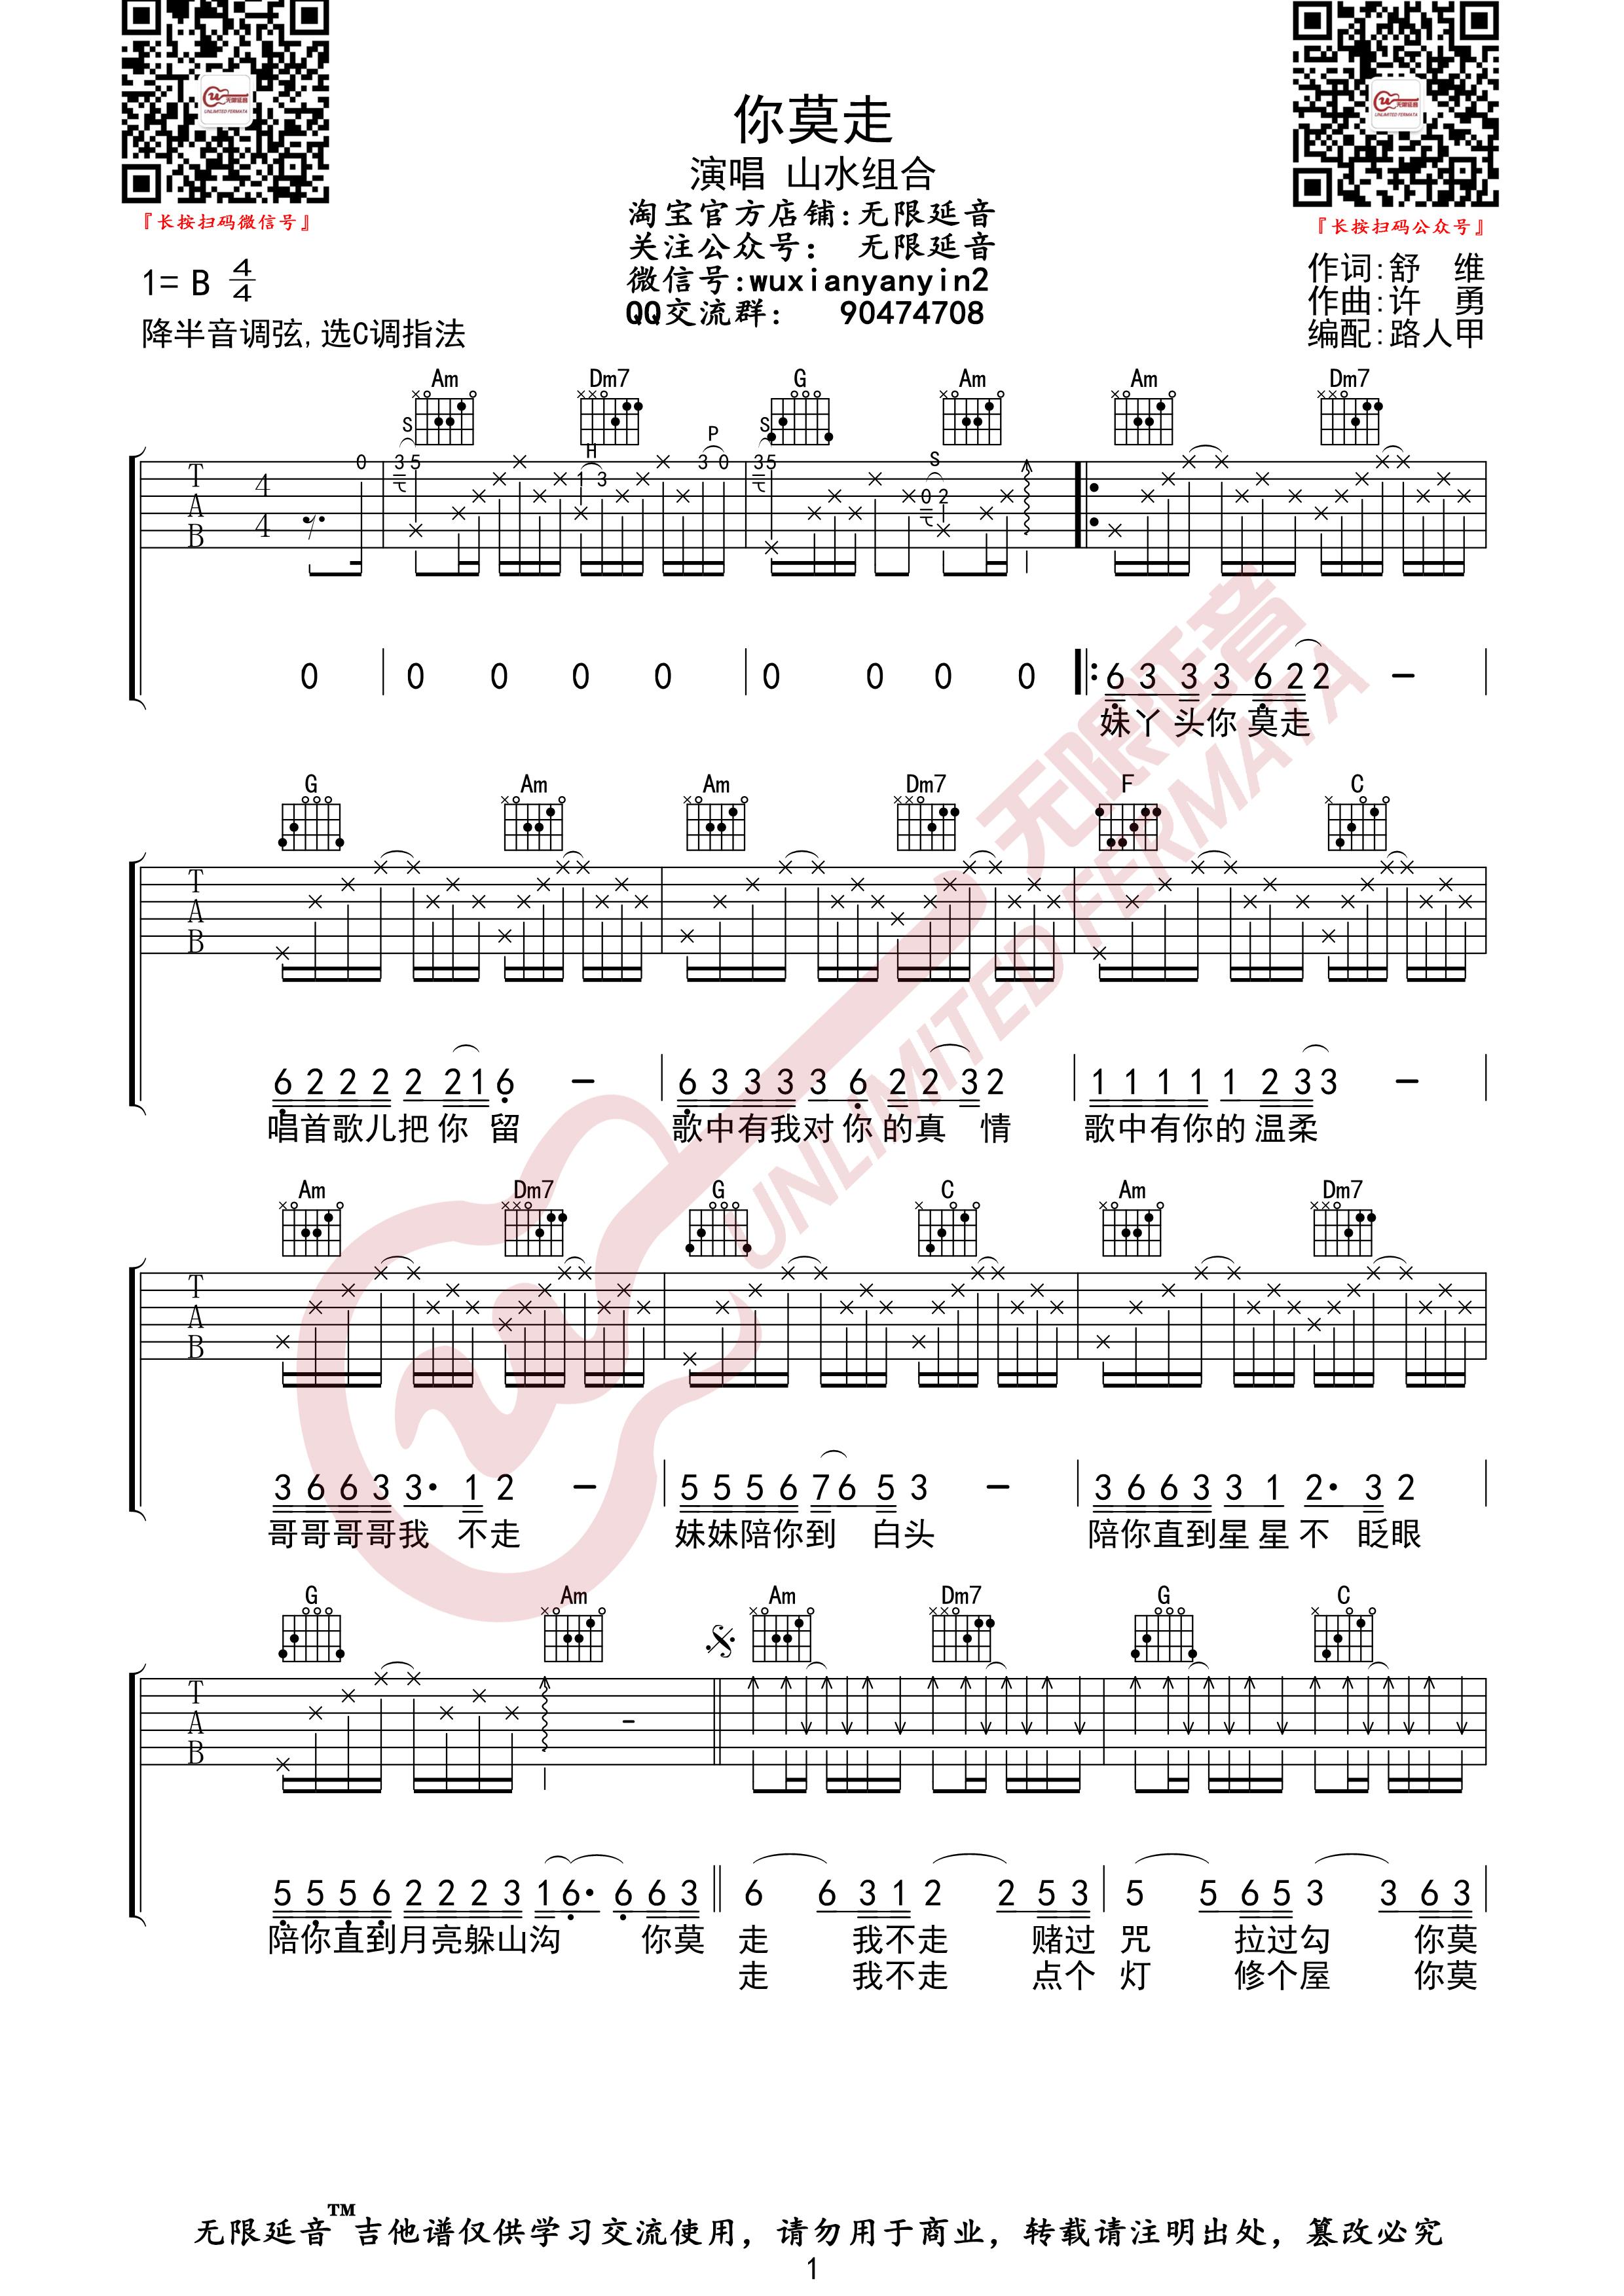 你莫走(无限延音编配)吉他谱(图片谱,山水组合,你莫走,吉他谱)_山水组合_你莫走01.jpg